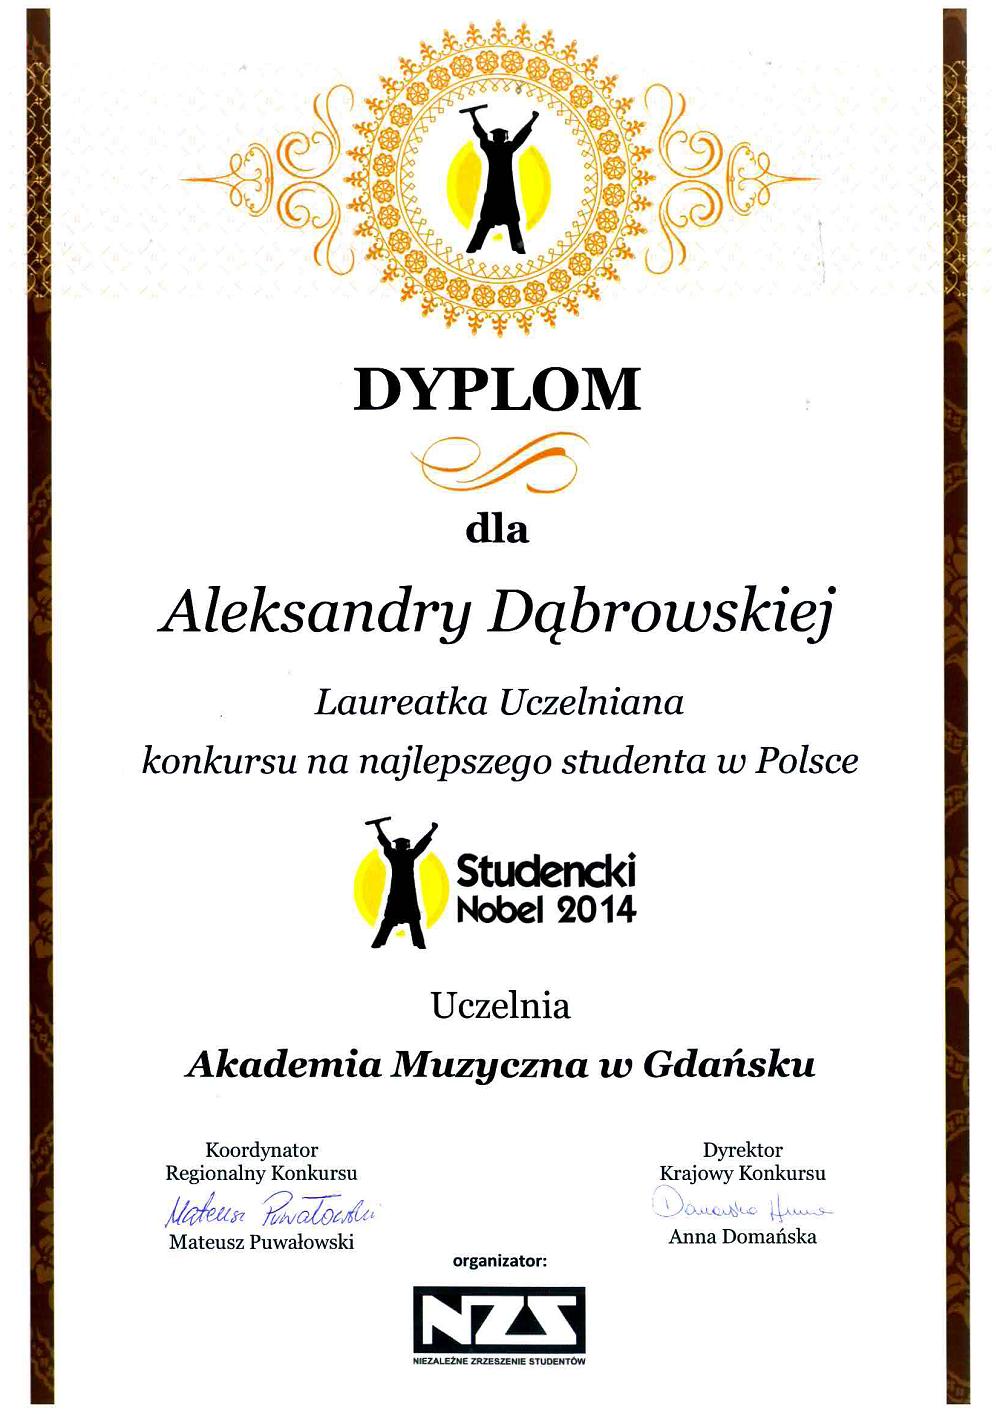 Dabrowska_Studencki_Nobel2014_laureatka_uczelniana_www